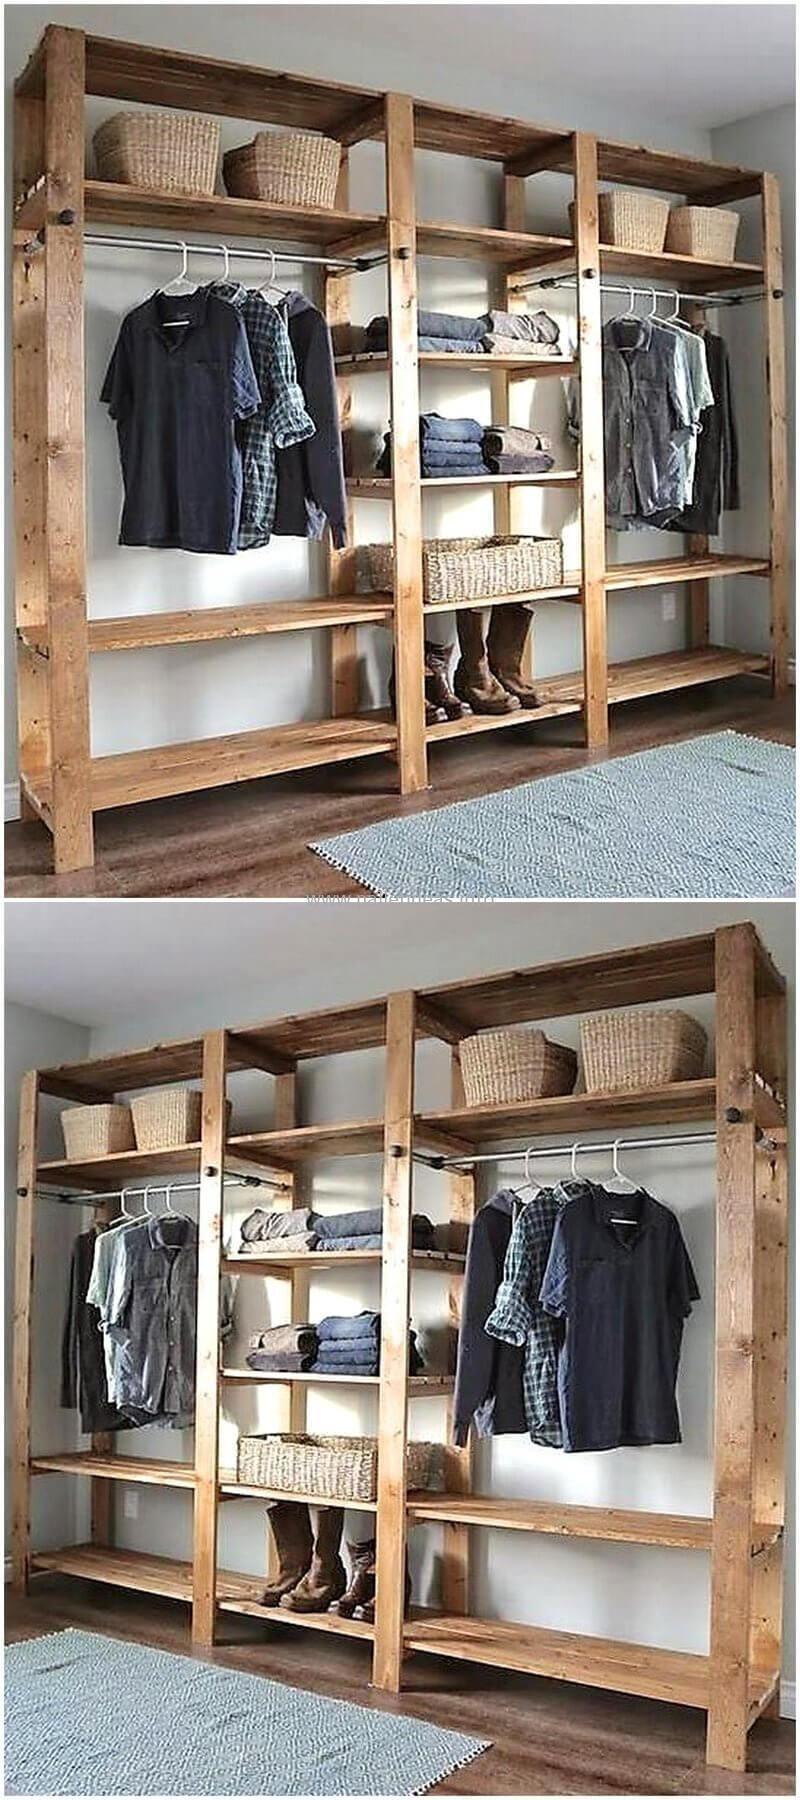 palésMuebles pallets closetMuebles con de wooden palets 0Nmn8wv